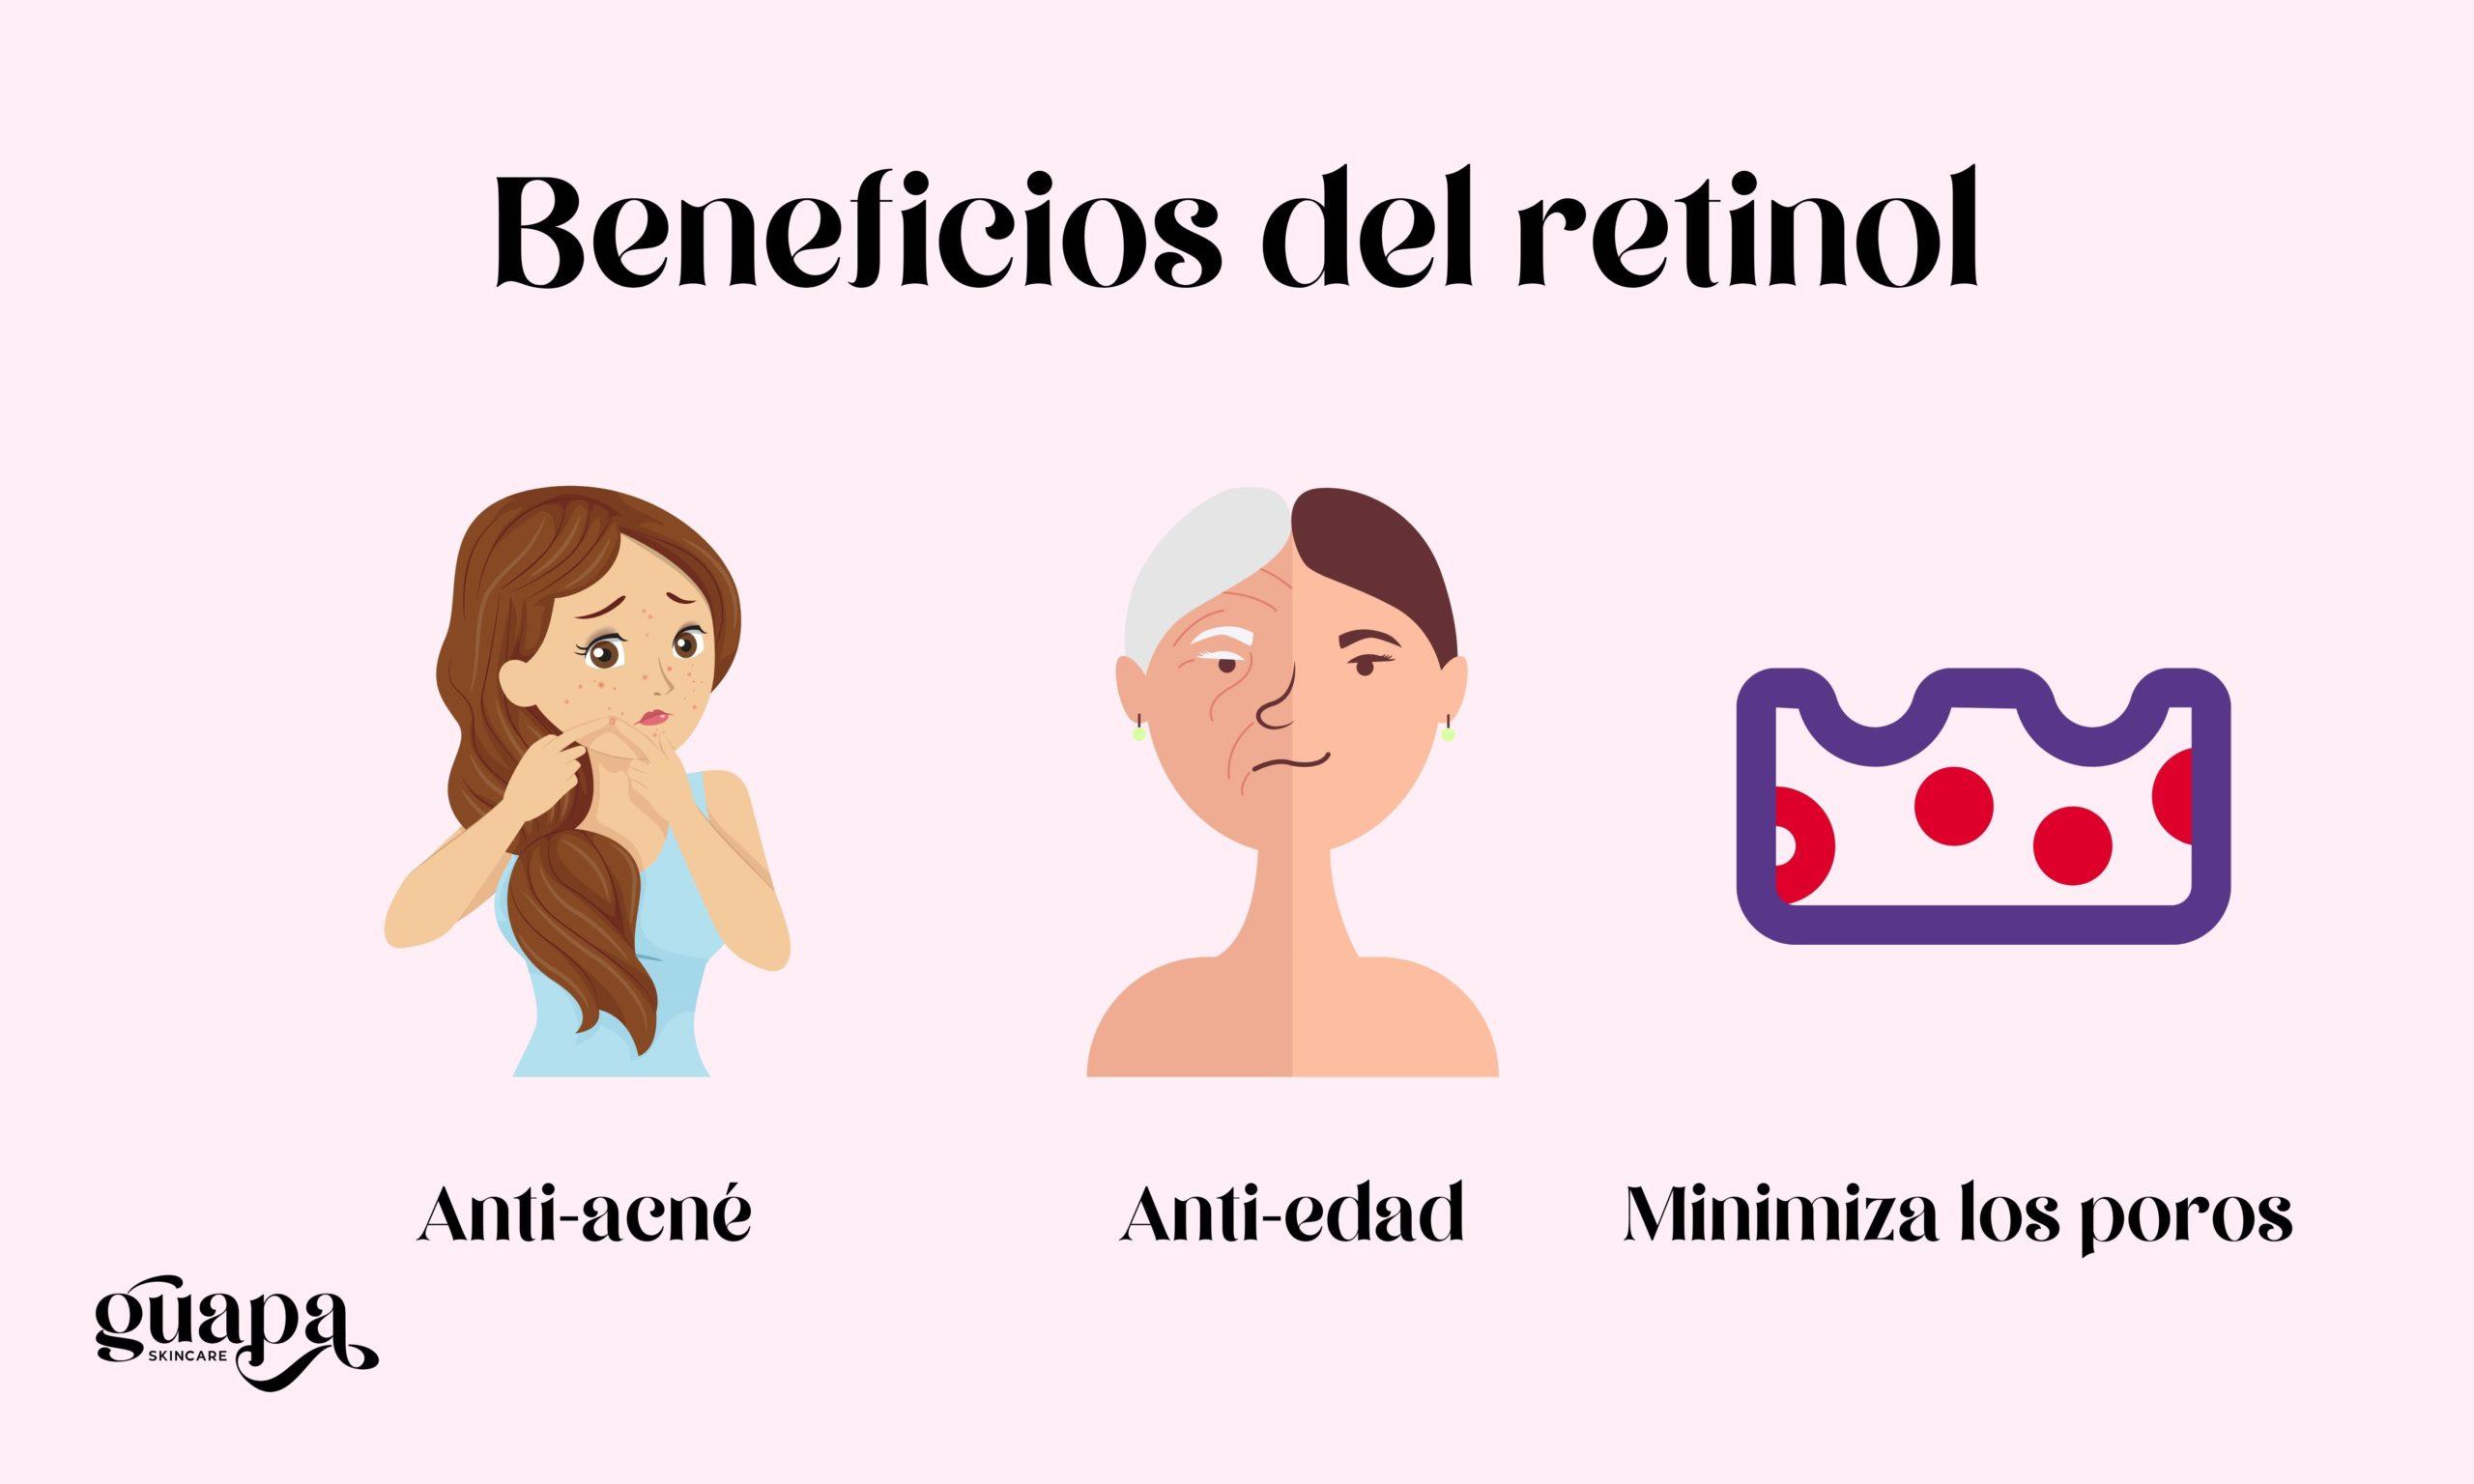 Beneficios del retinol